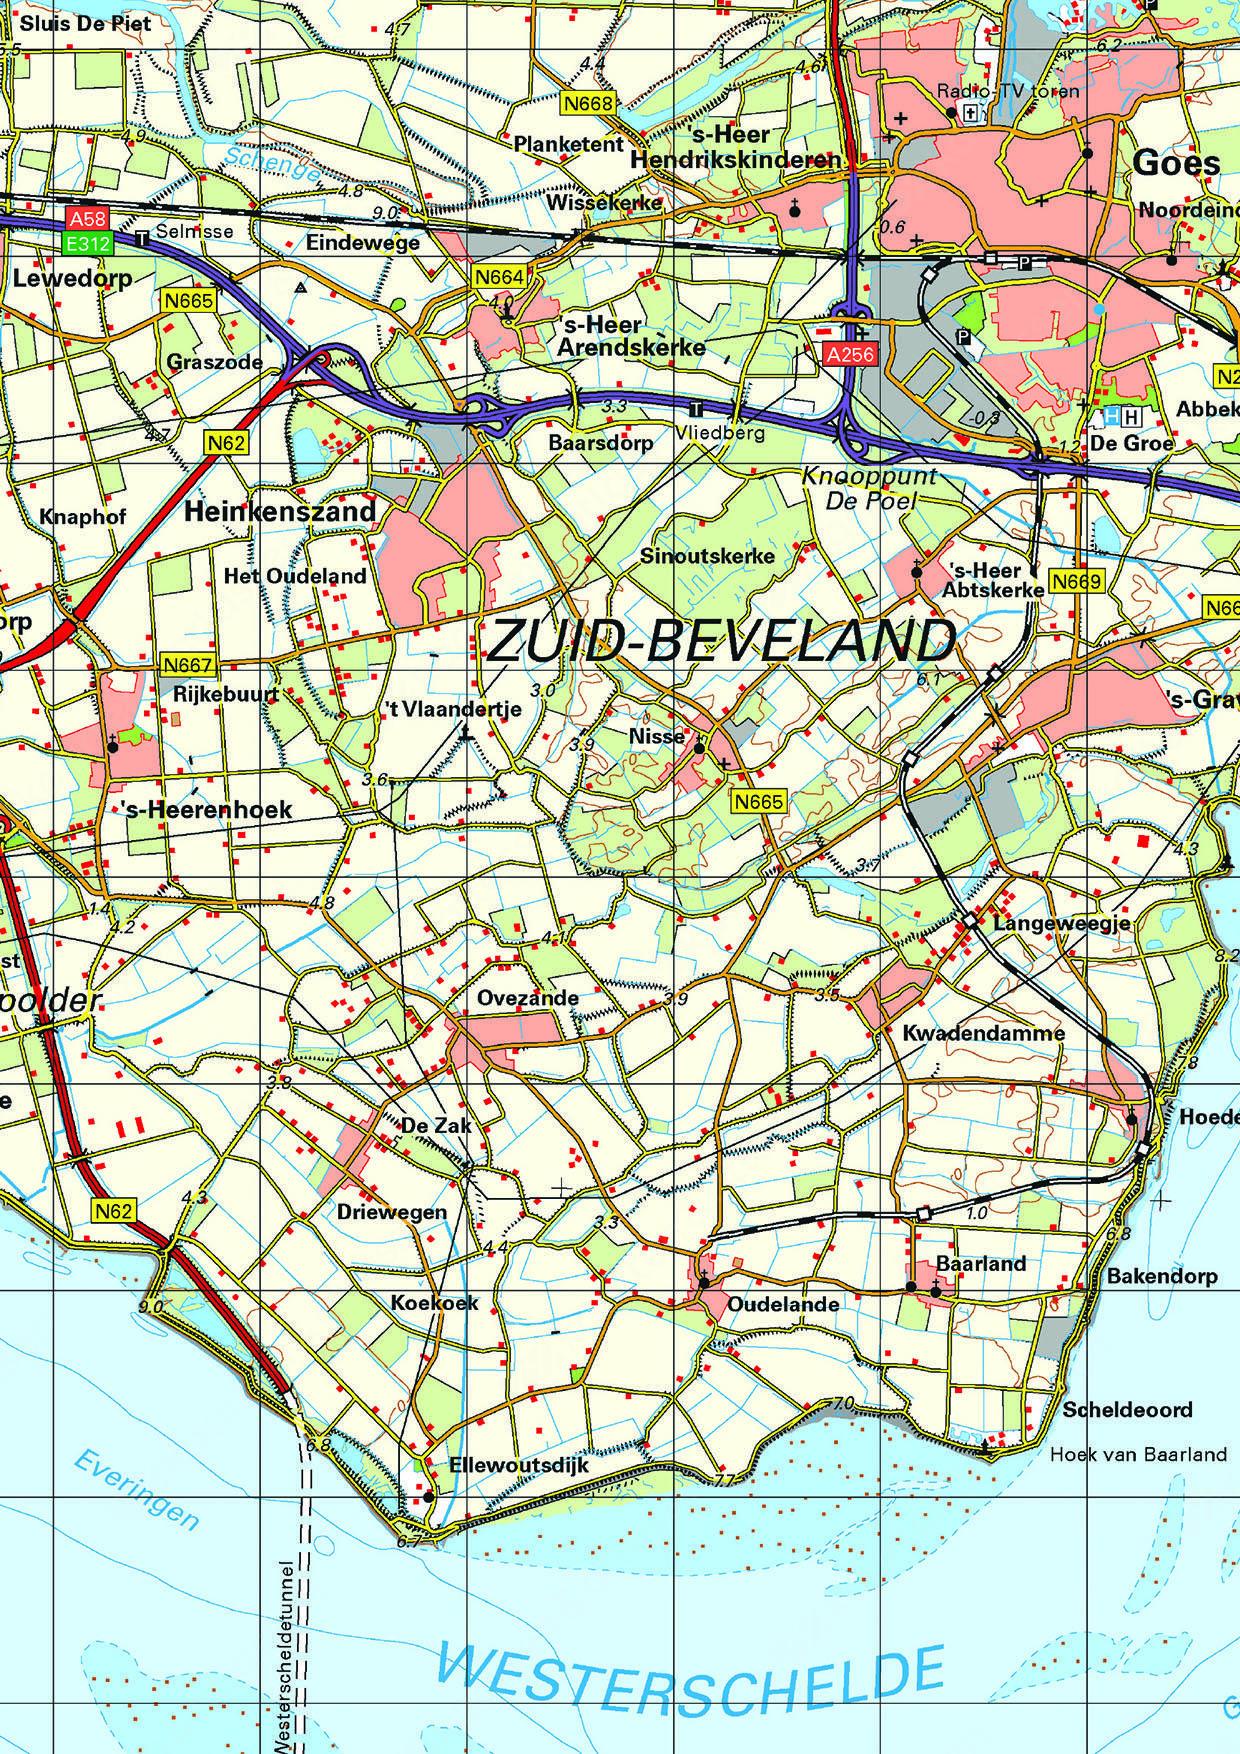 Topografische kaart Zeeland 1:100.000